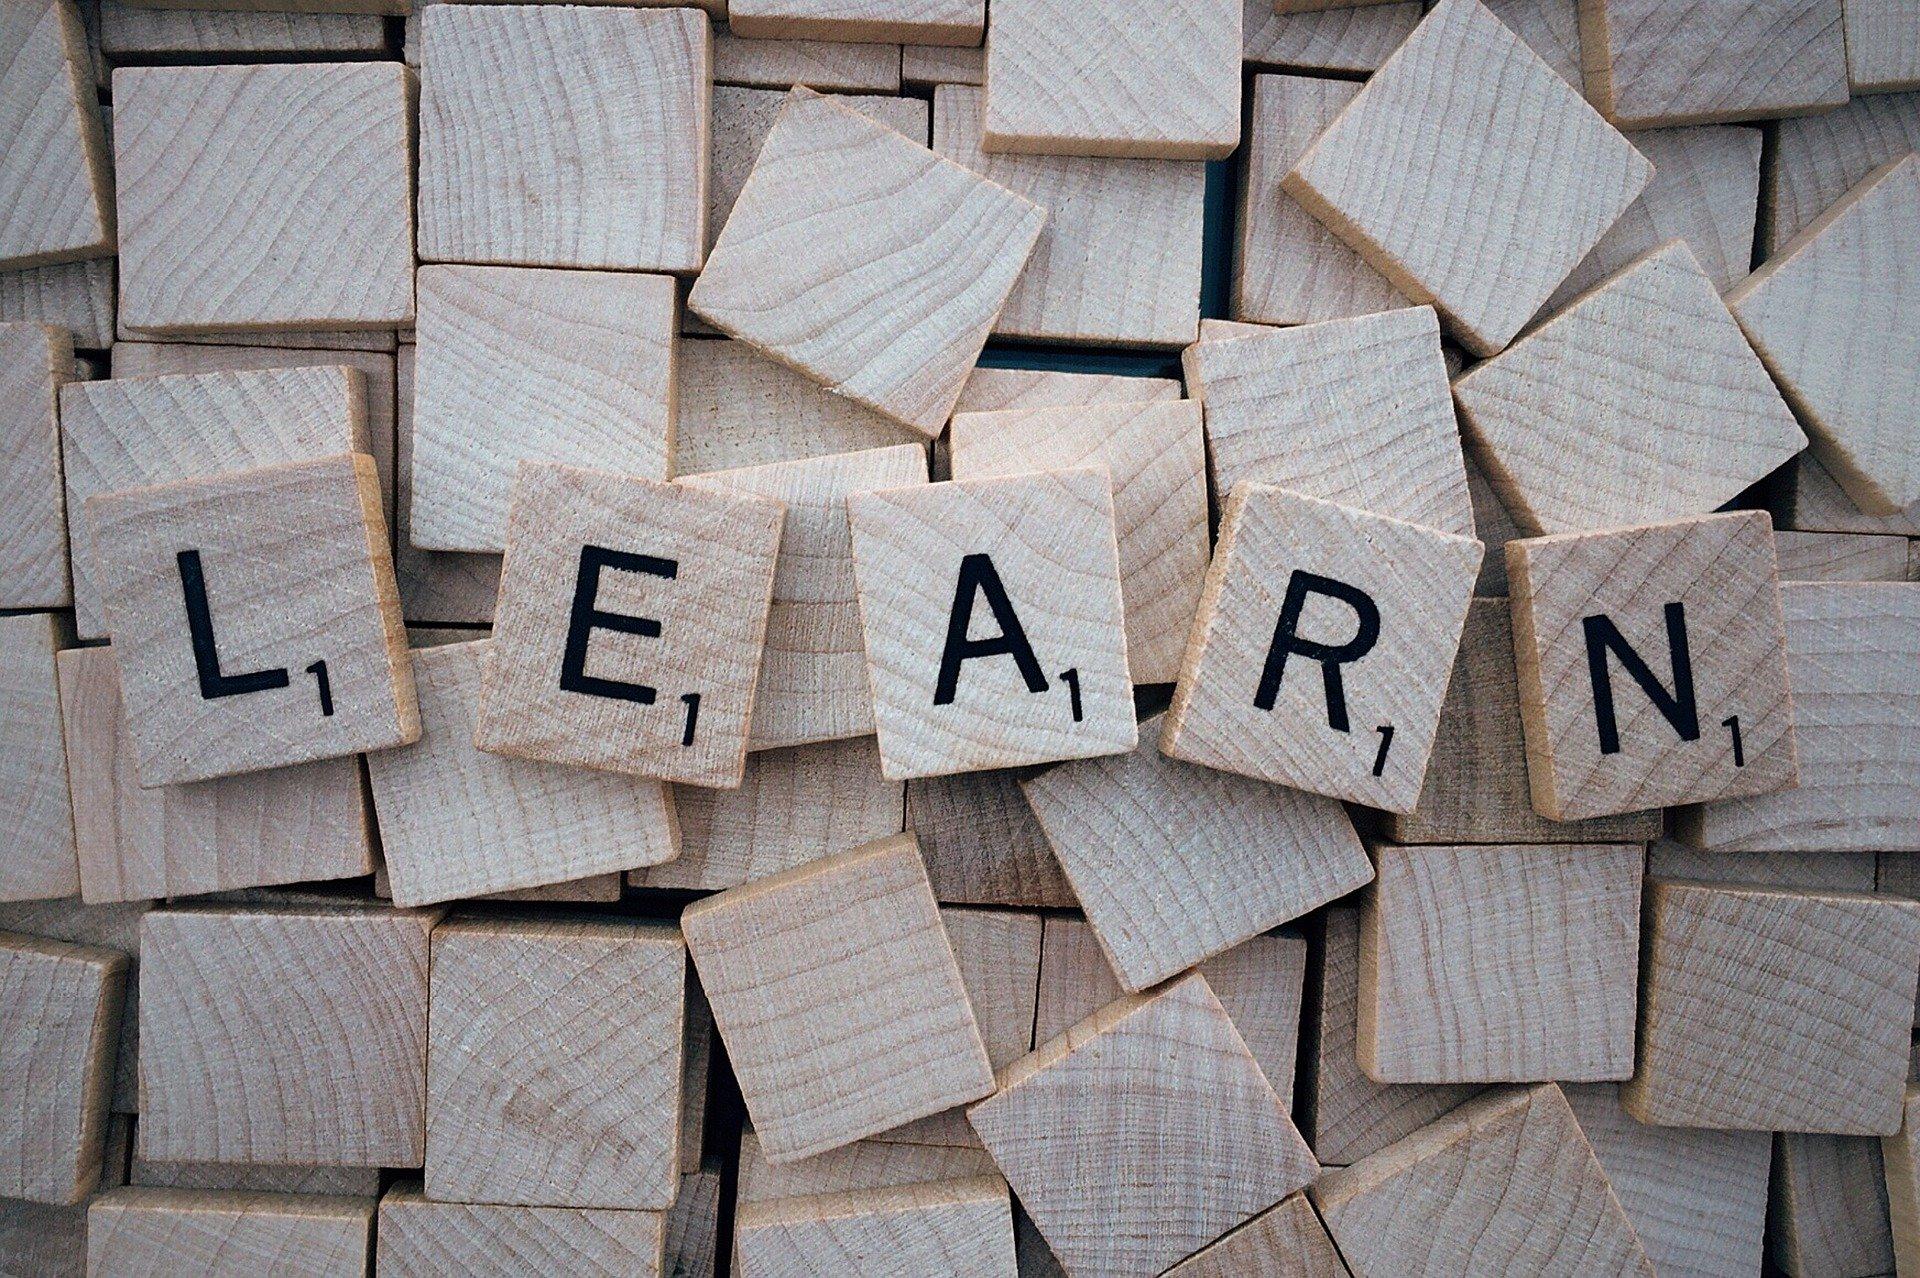 Scrabble-LEARN